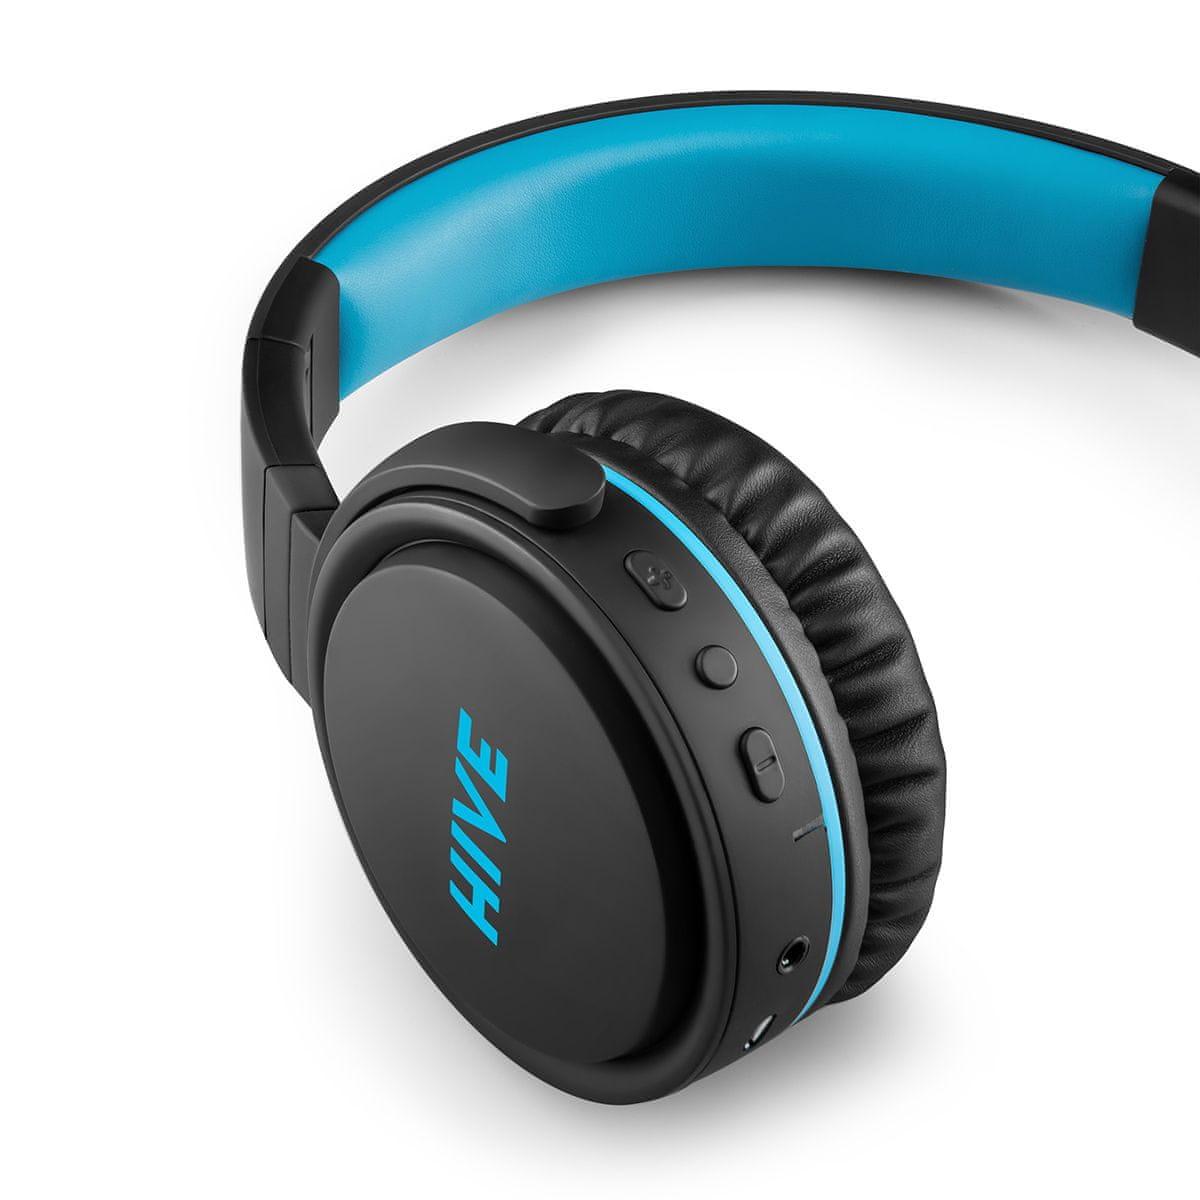 Niceboy HIVE XL fejhallgató Bluetooth maxxbass technológia